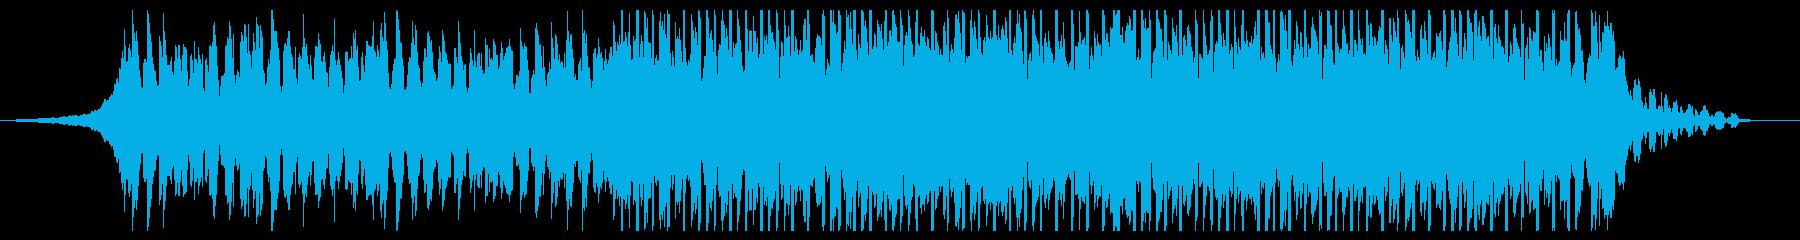 エレガント(60秒)の再生済みの波形